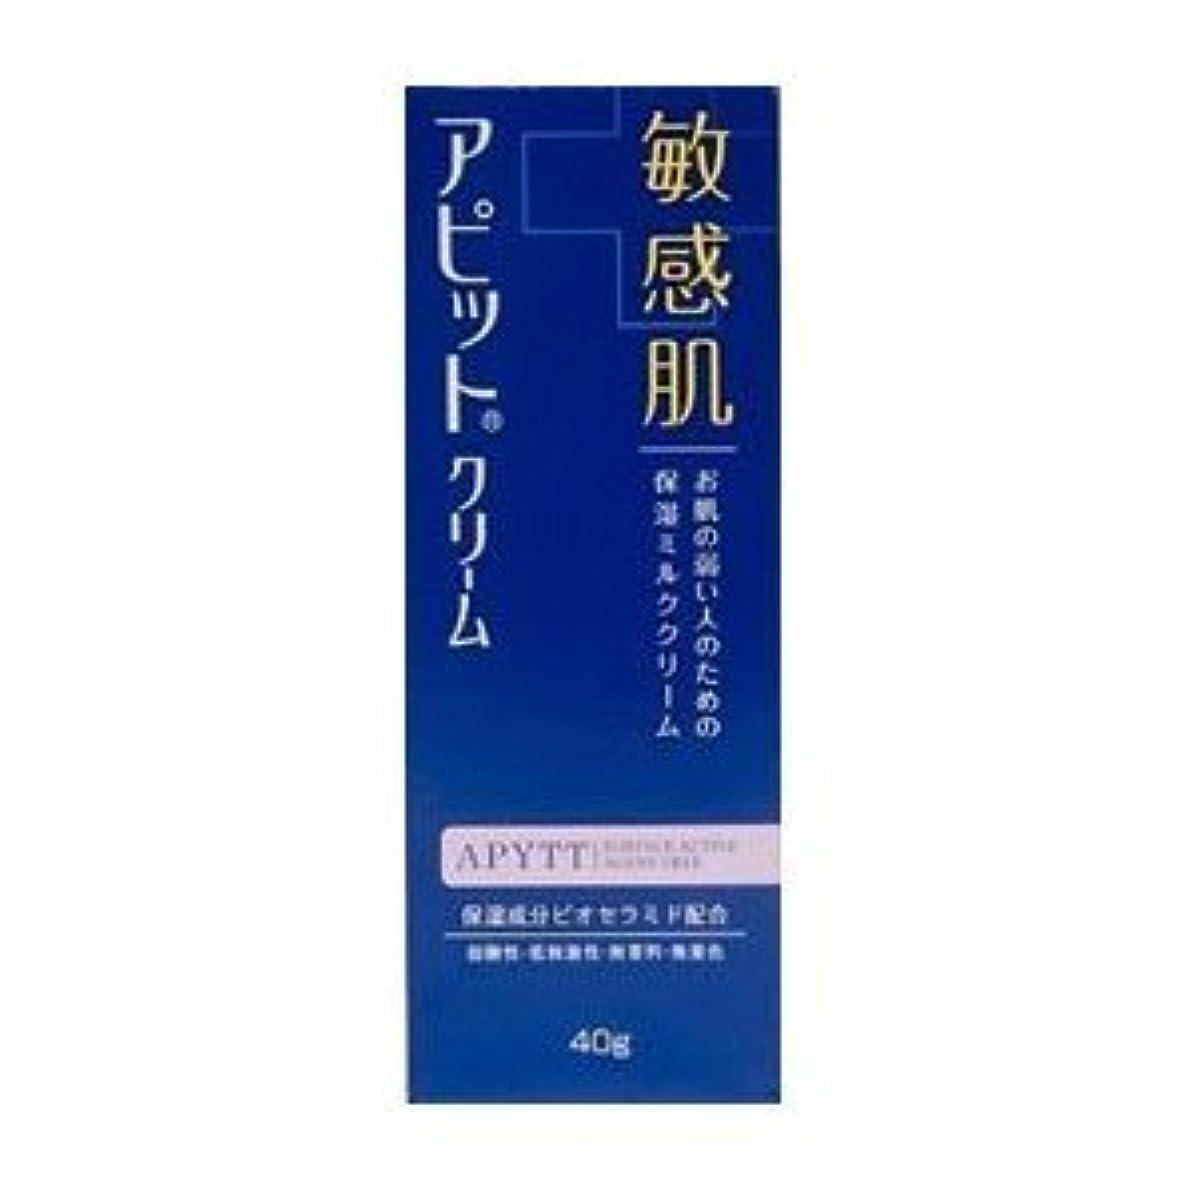 妊娠した減らす財布全薬工業 アピットクリーム 40g×3個セット (医薬部外品)